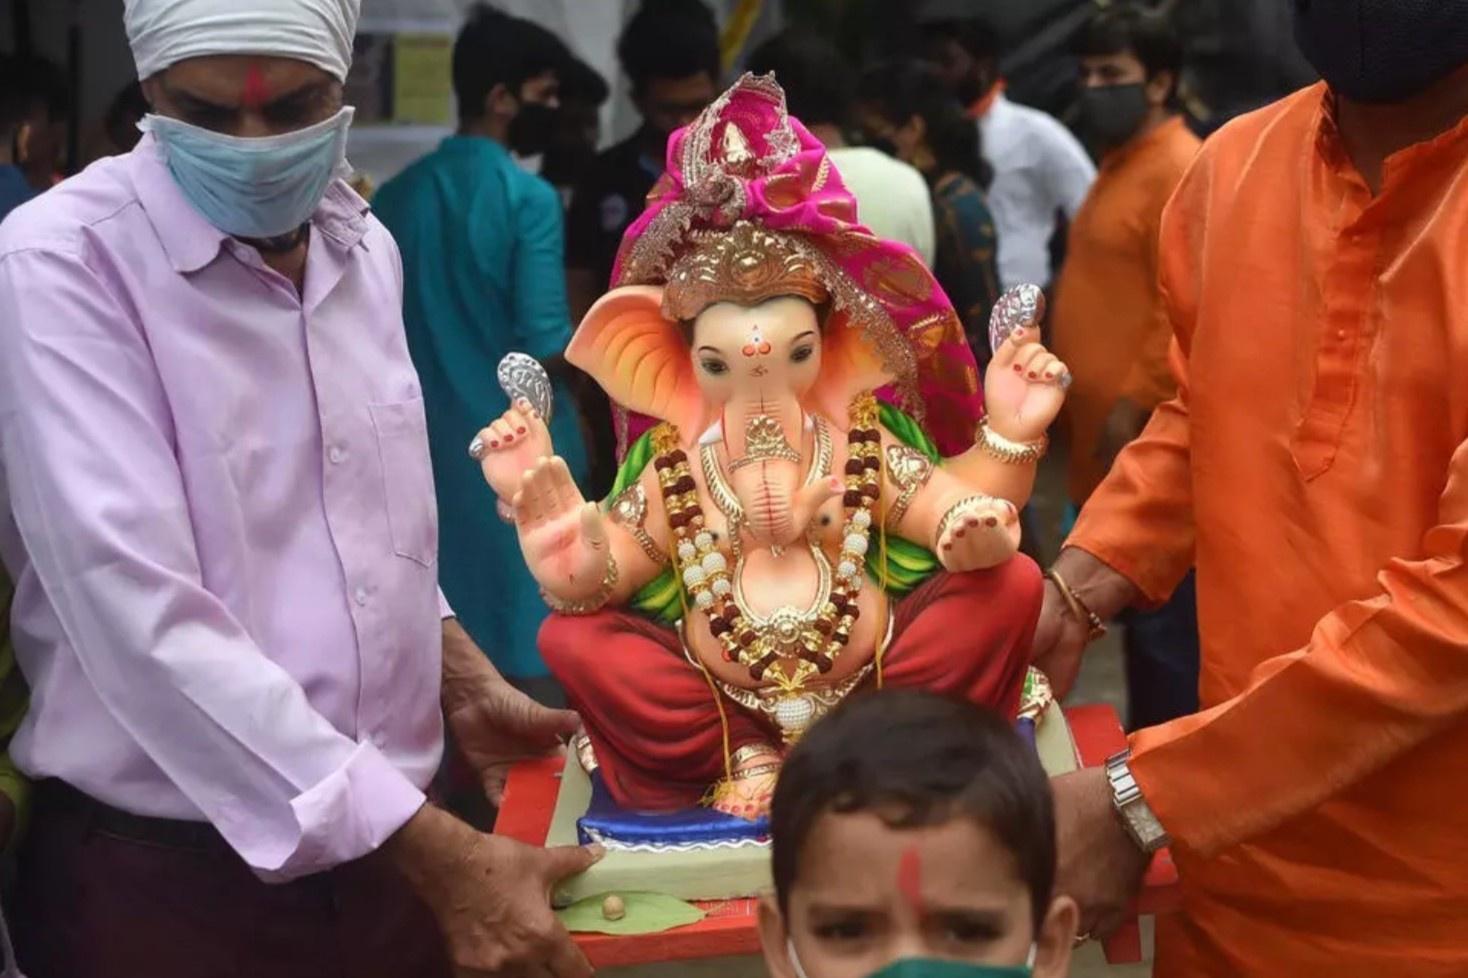 Thu nhỏ tượng voi thần để tránh tụ tập ở Ấn Độ